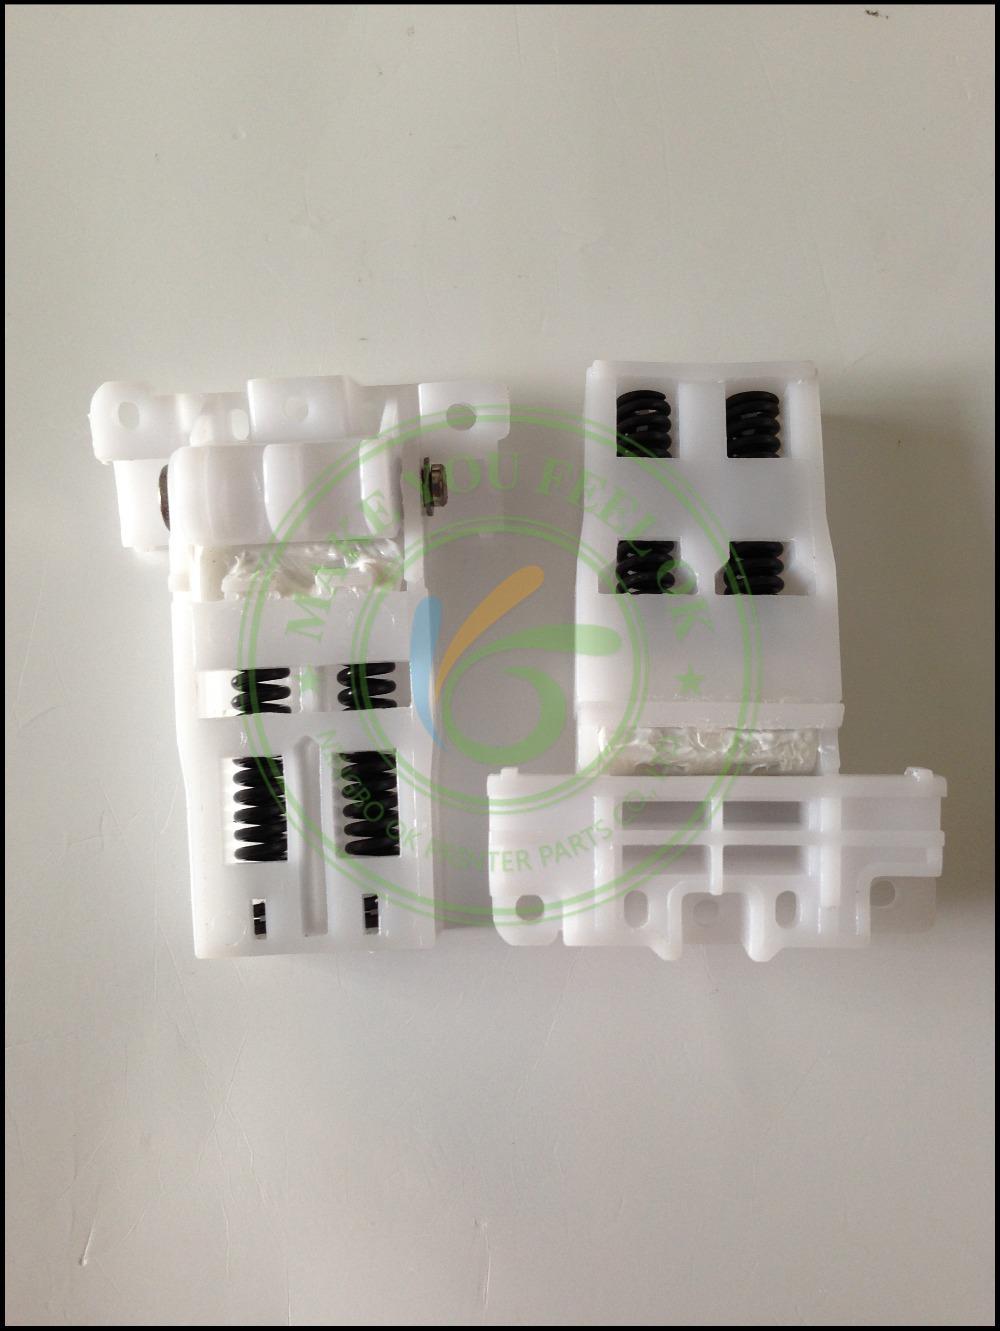 ORIGINAL NEW JC97-03220A JC97-02779A JC97-01707A ADF Hinge for Samsung SCX4720 4824 4828 5530 5635 5835 CLX3160 6200 6220 6240(China (Mainland))